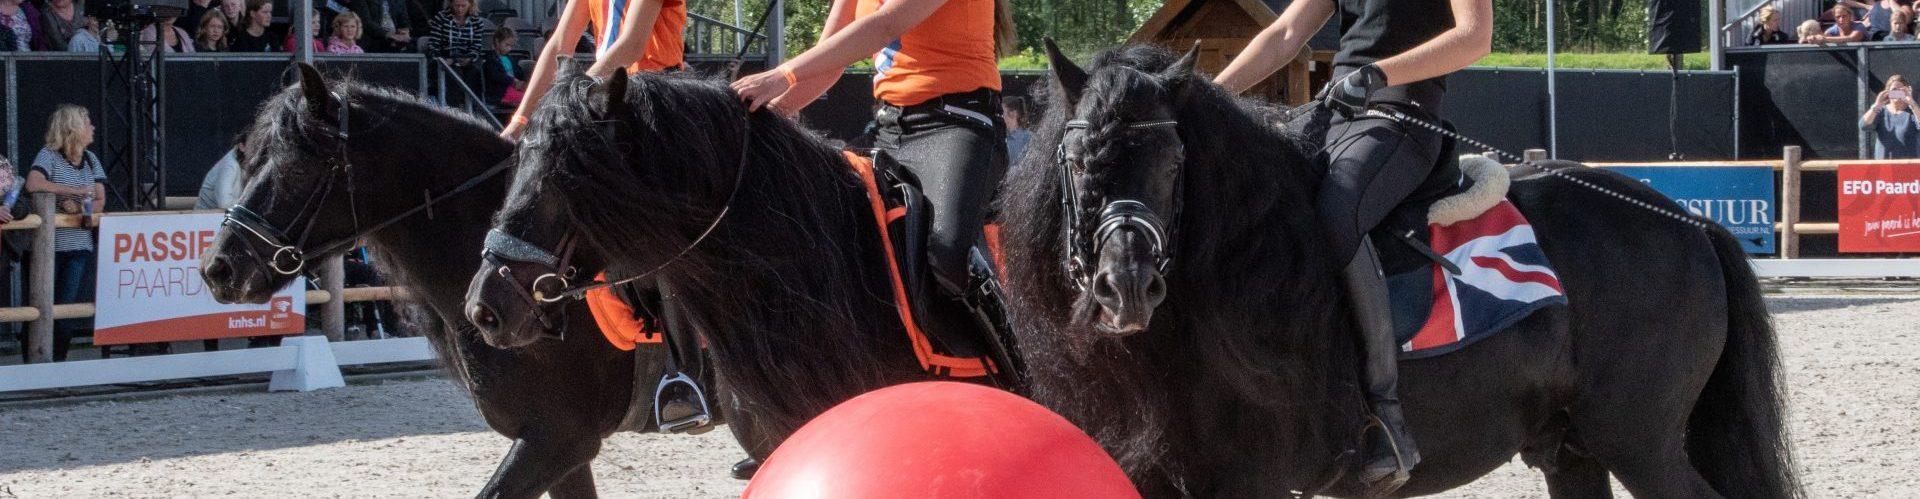 Paardenvoetbal (11)